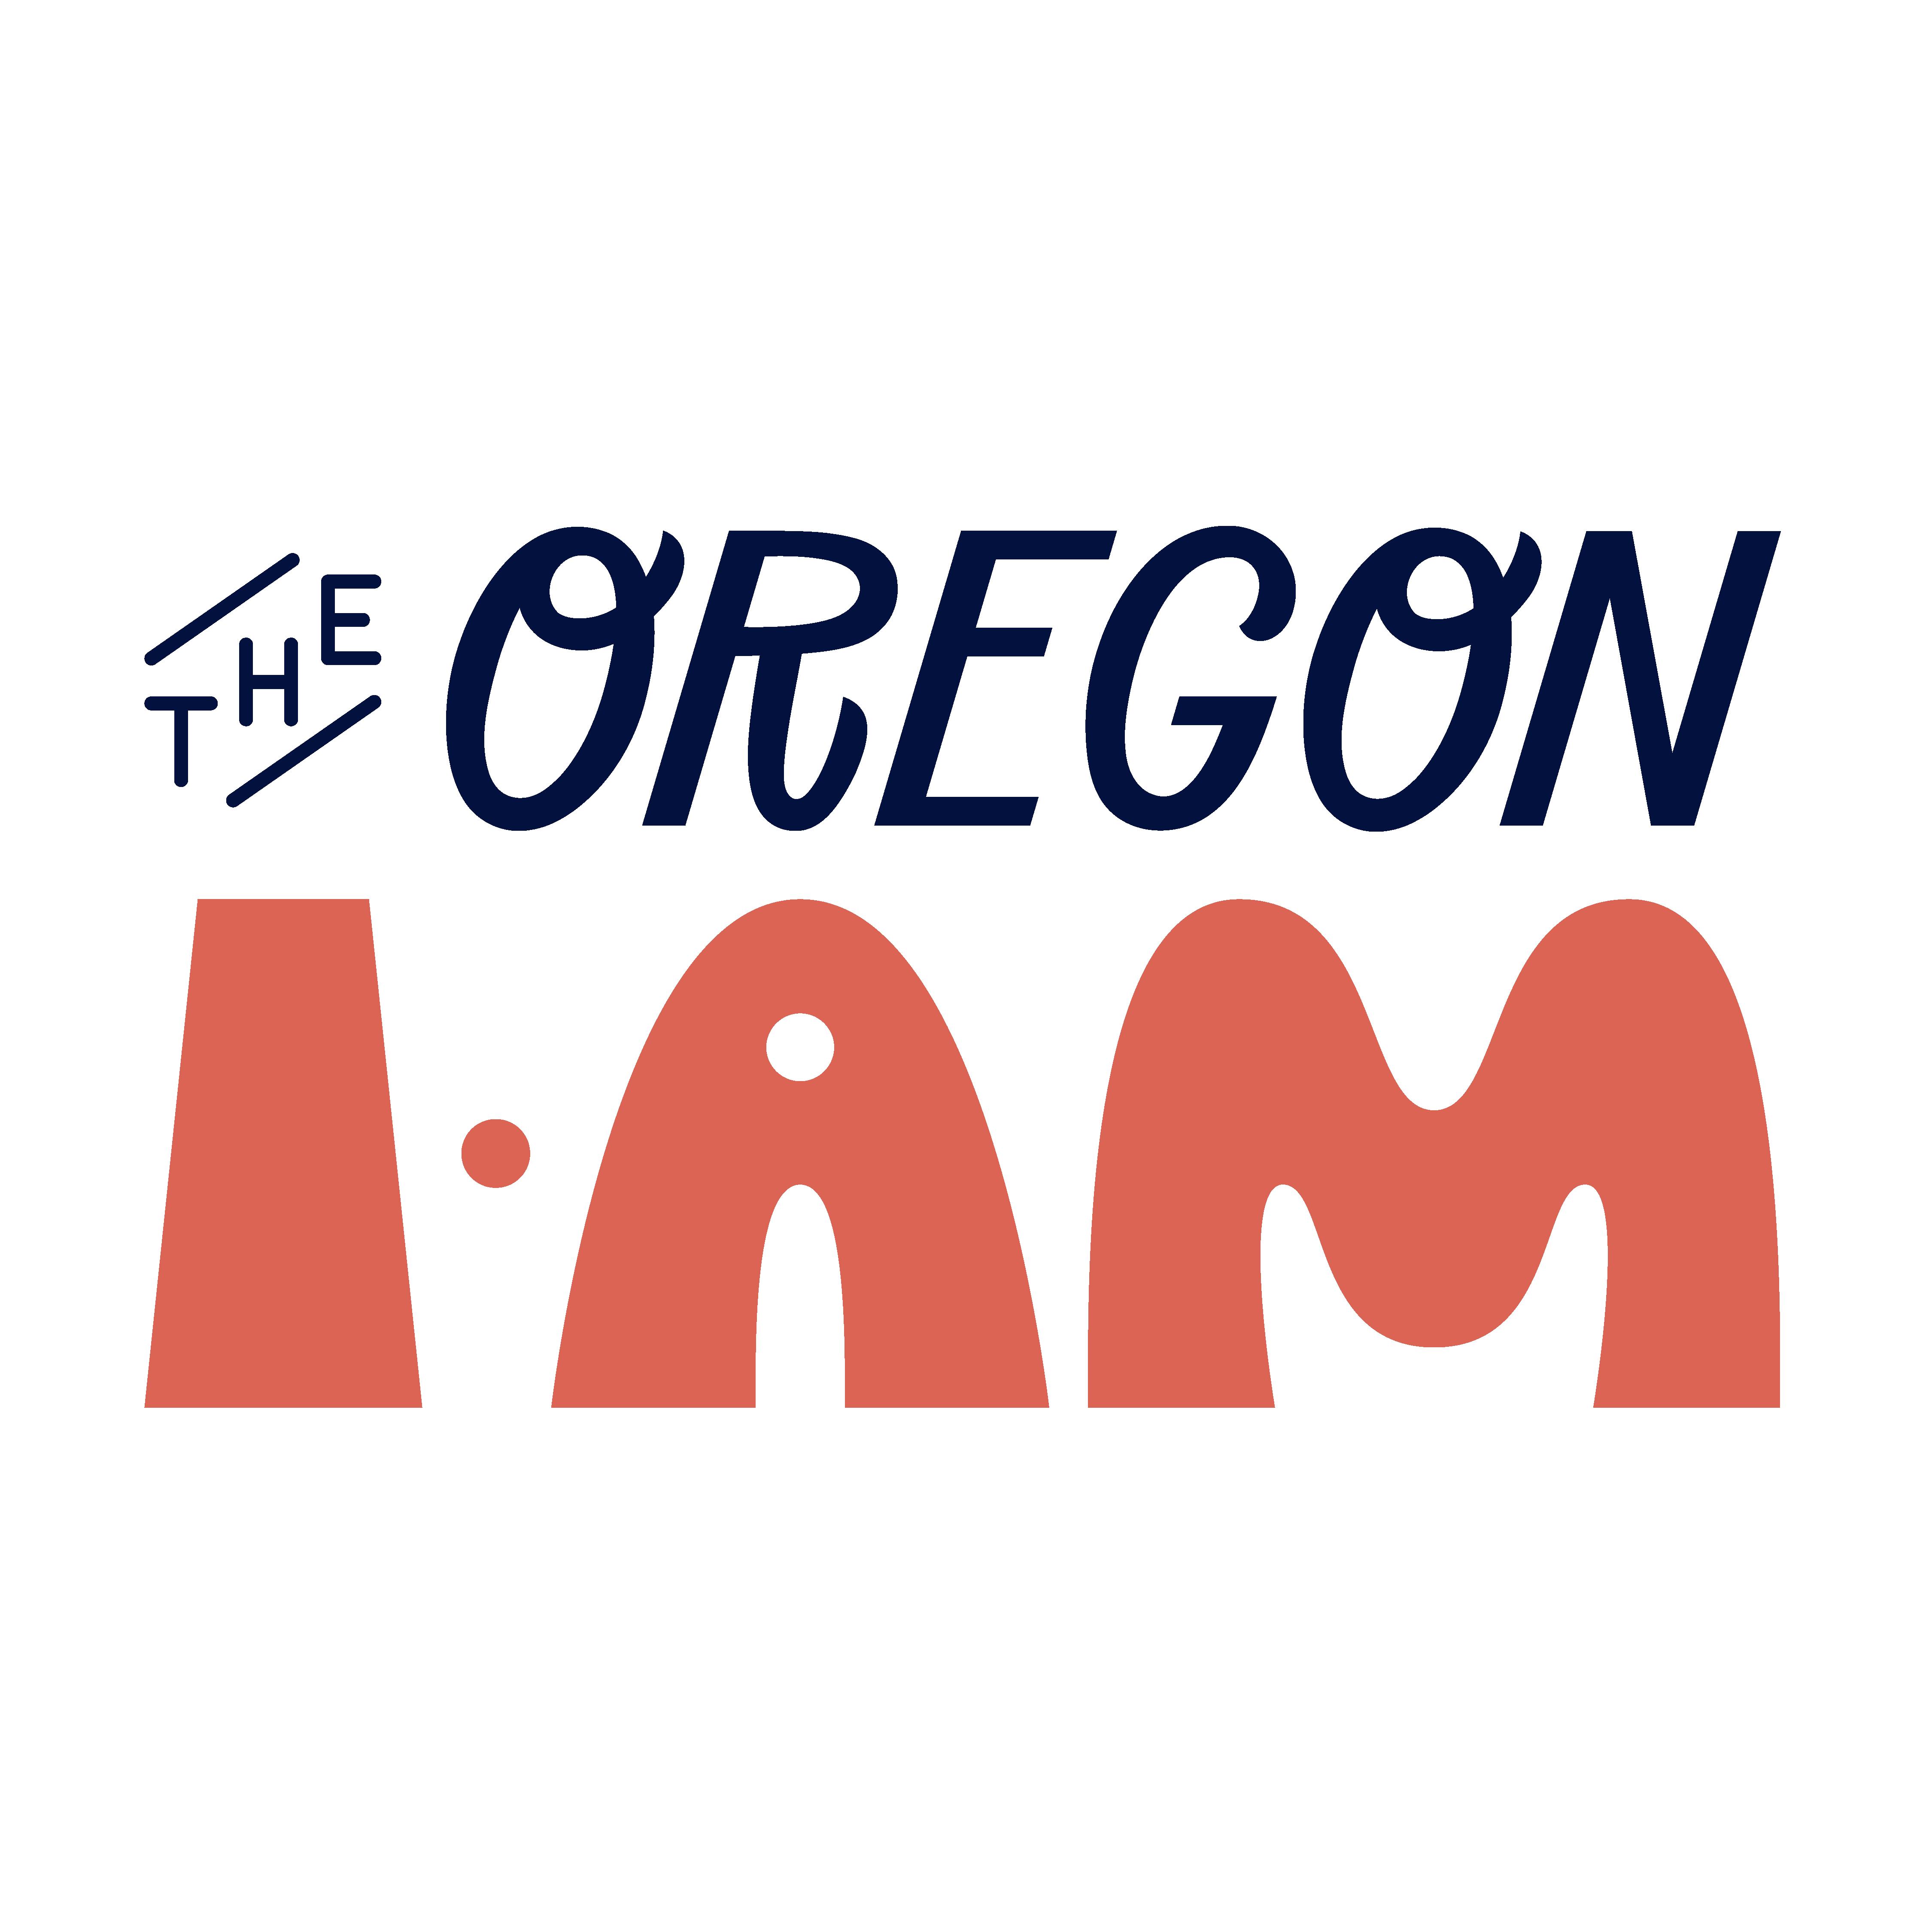 Oregon I AM Square Red Logo